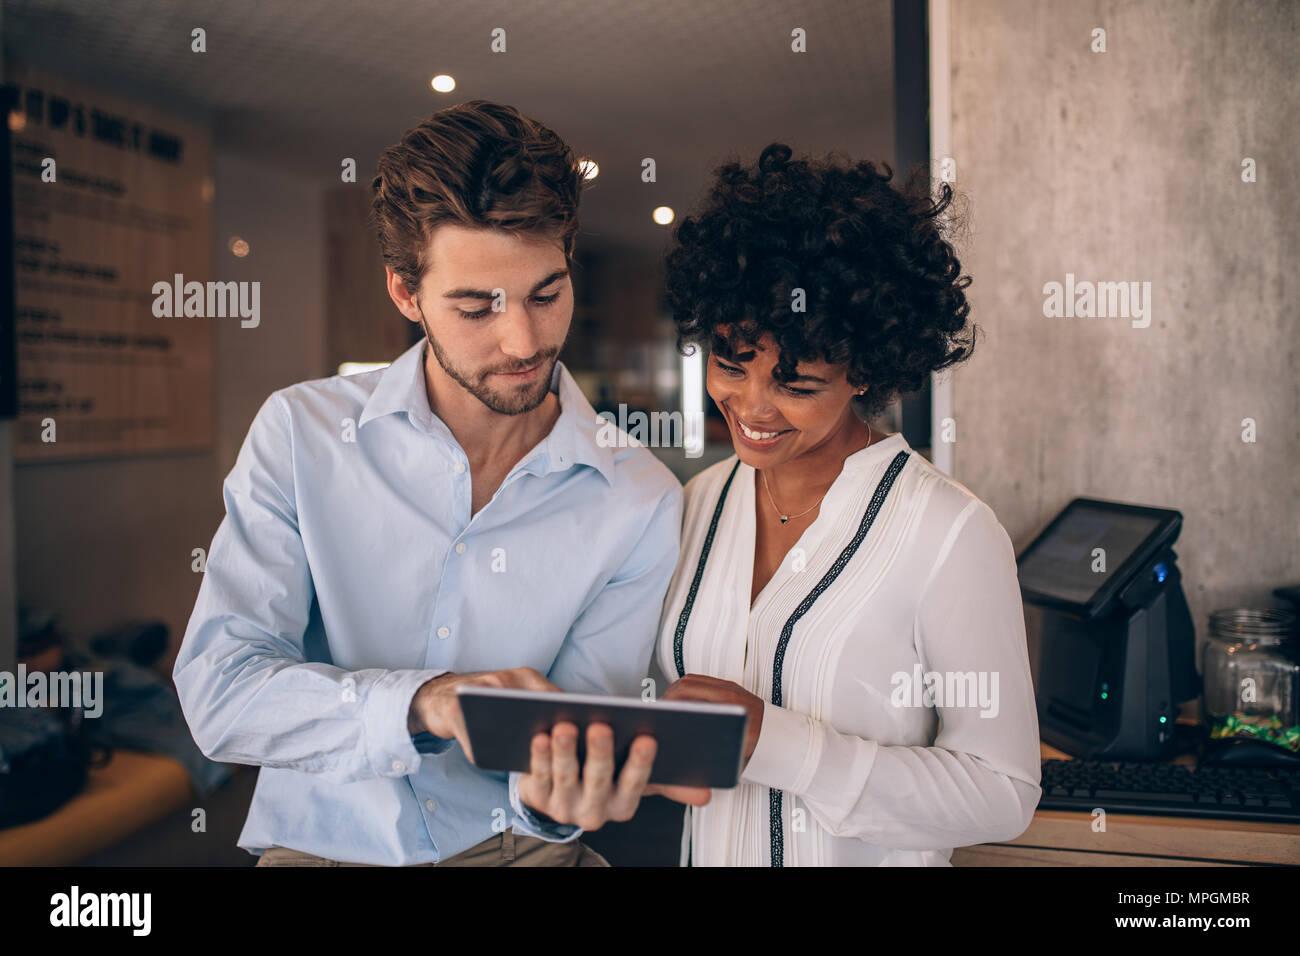 Restaurante dos socios juntos y mirando tableta digital. El hombre y la mujer mediante tableta digital en un café. Foto de stock